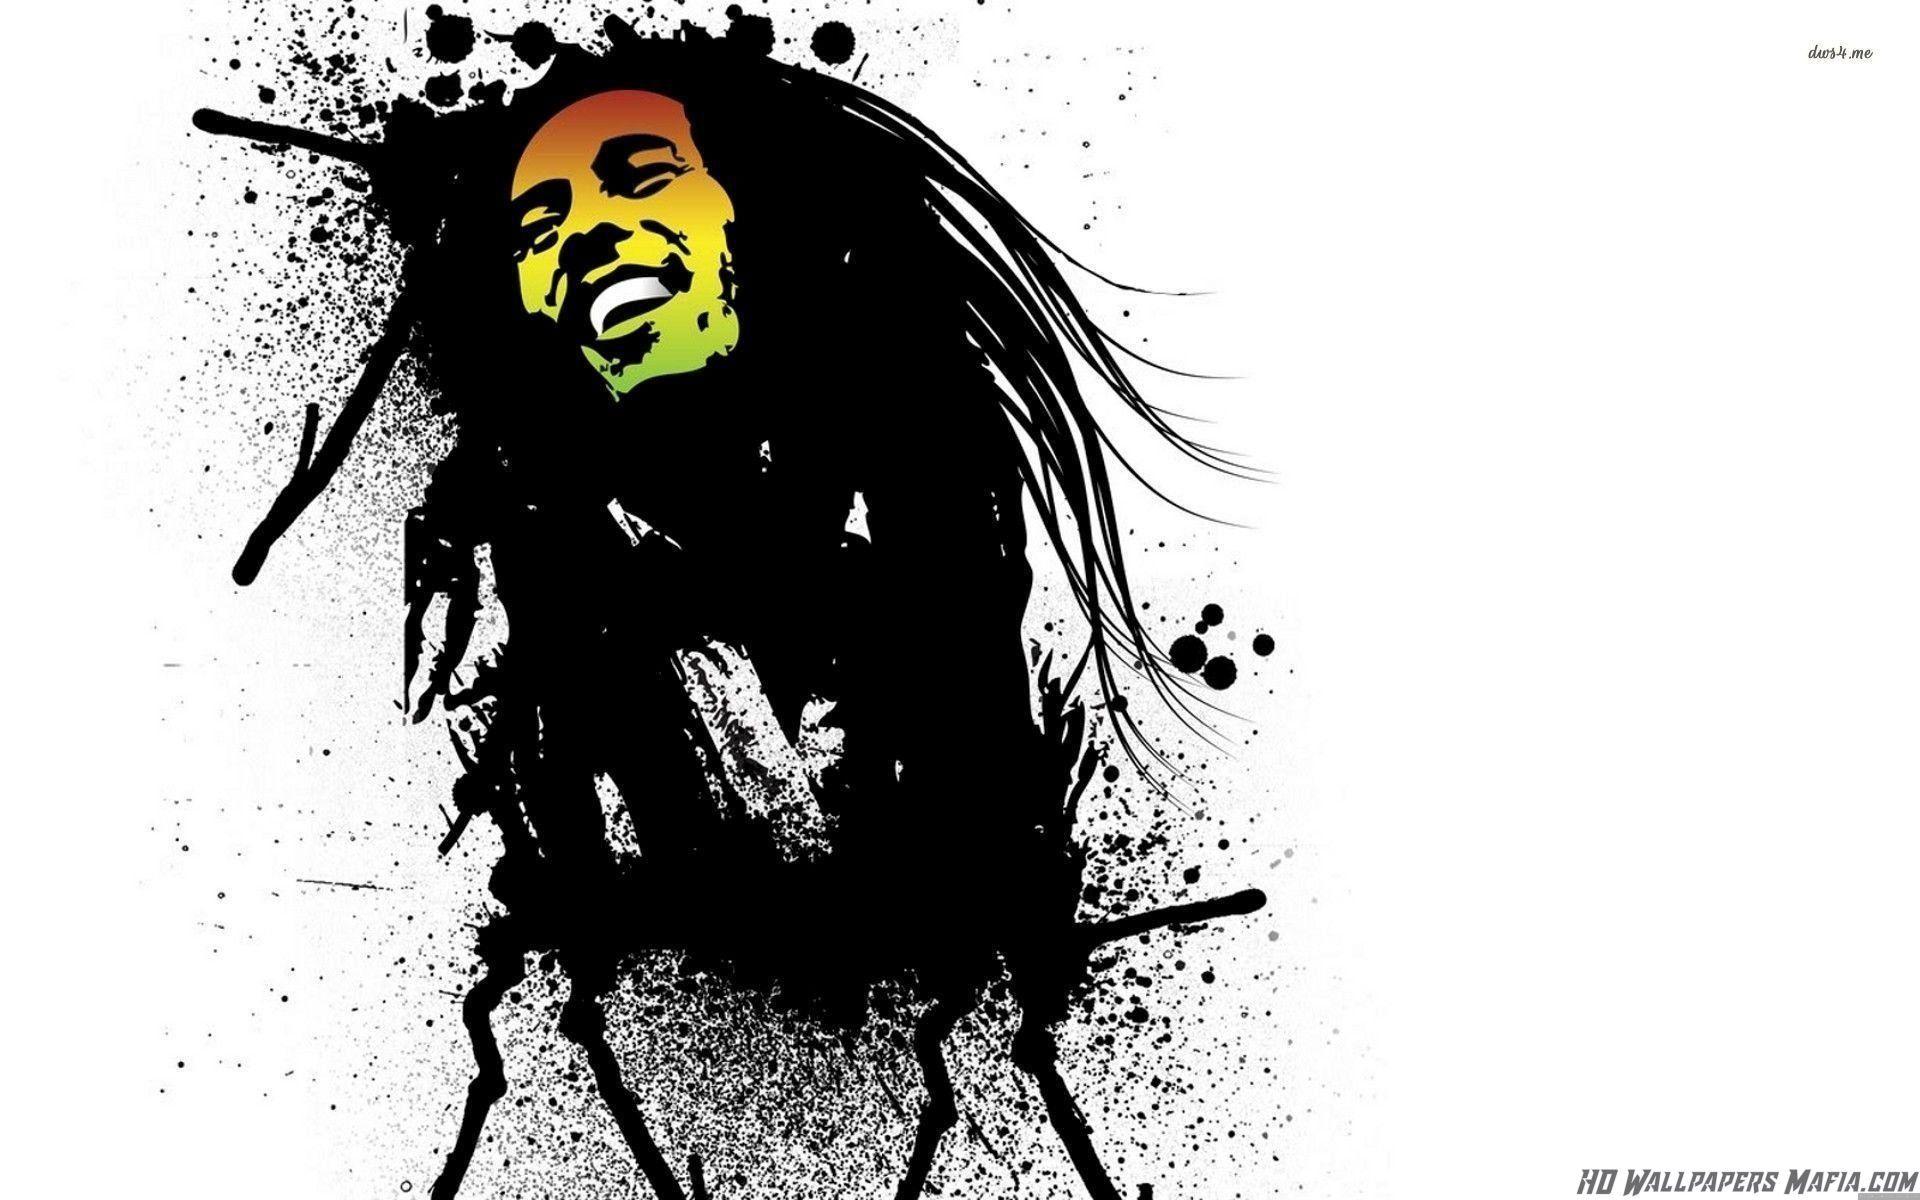 Iphonewallpapers Bob Marley Wallpapers Bob Marley Hd Wallpaper Background Hd Wallpaper